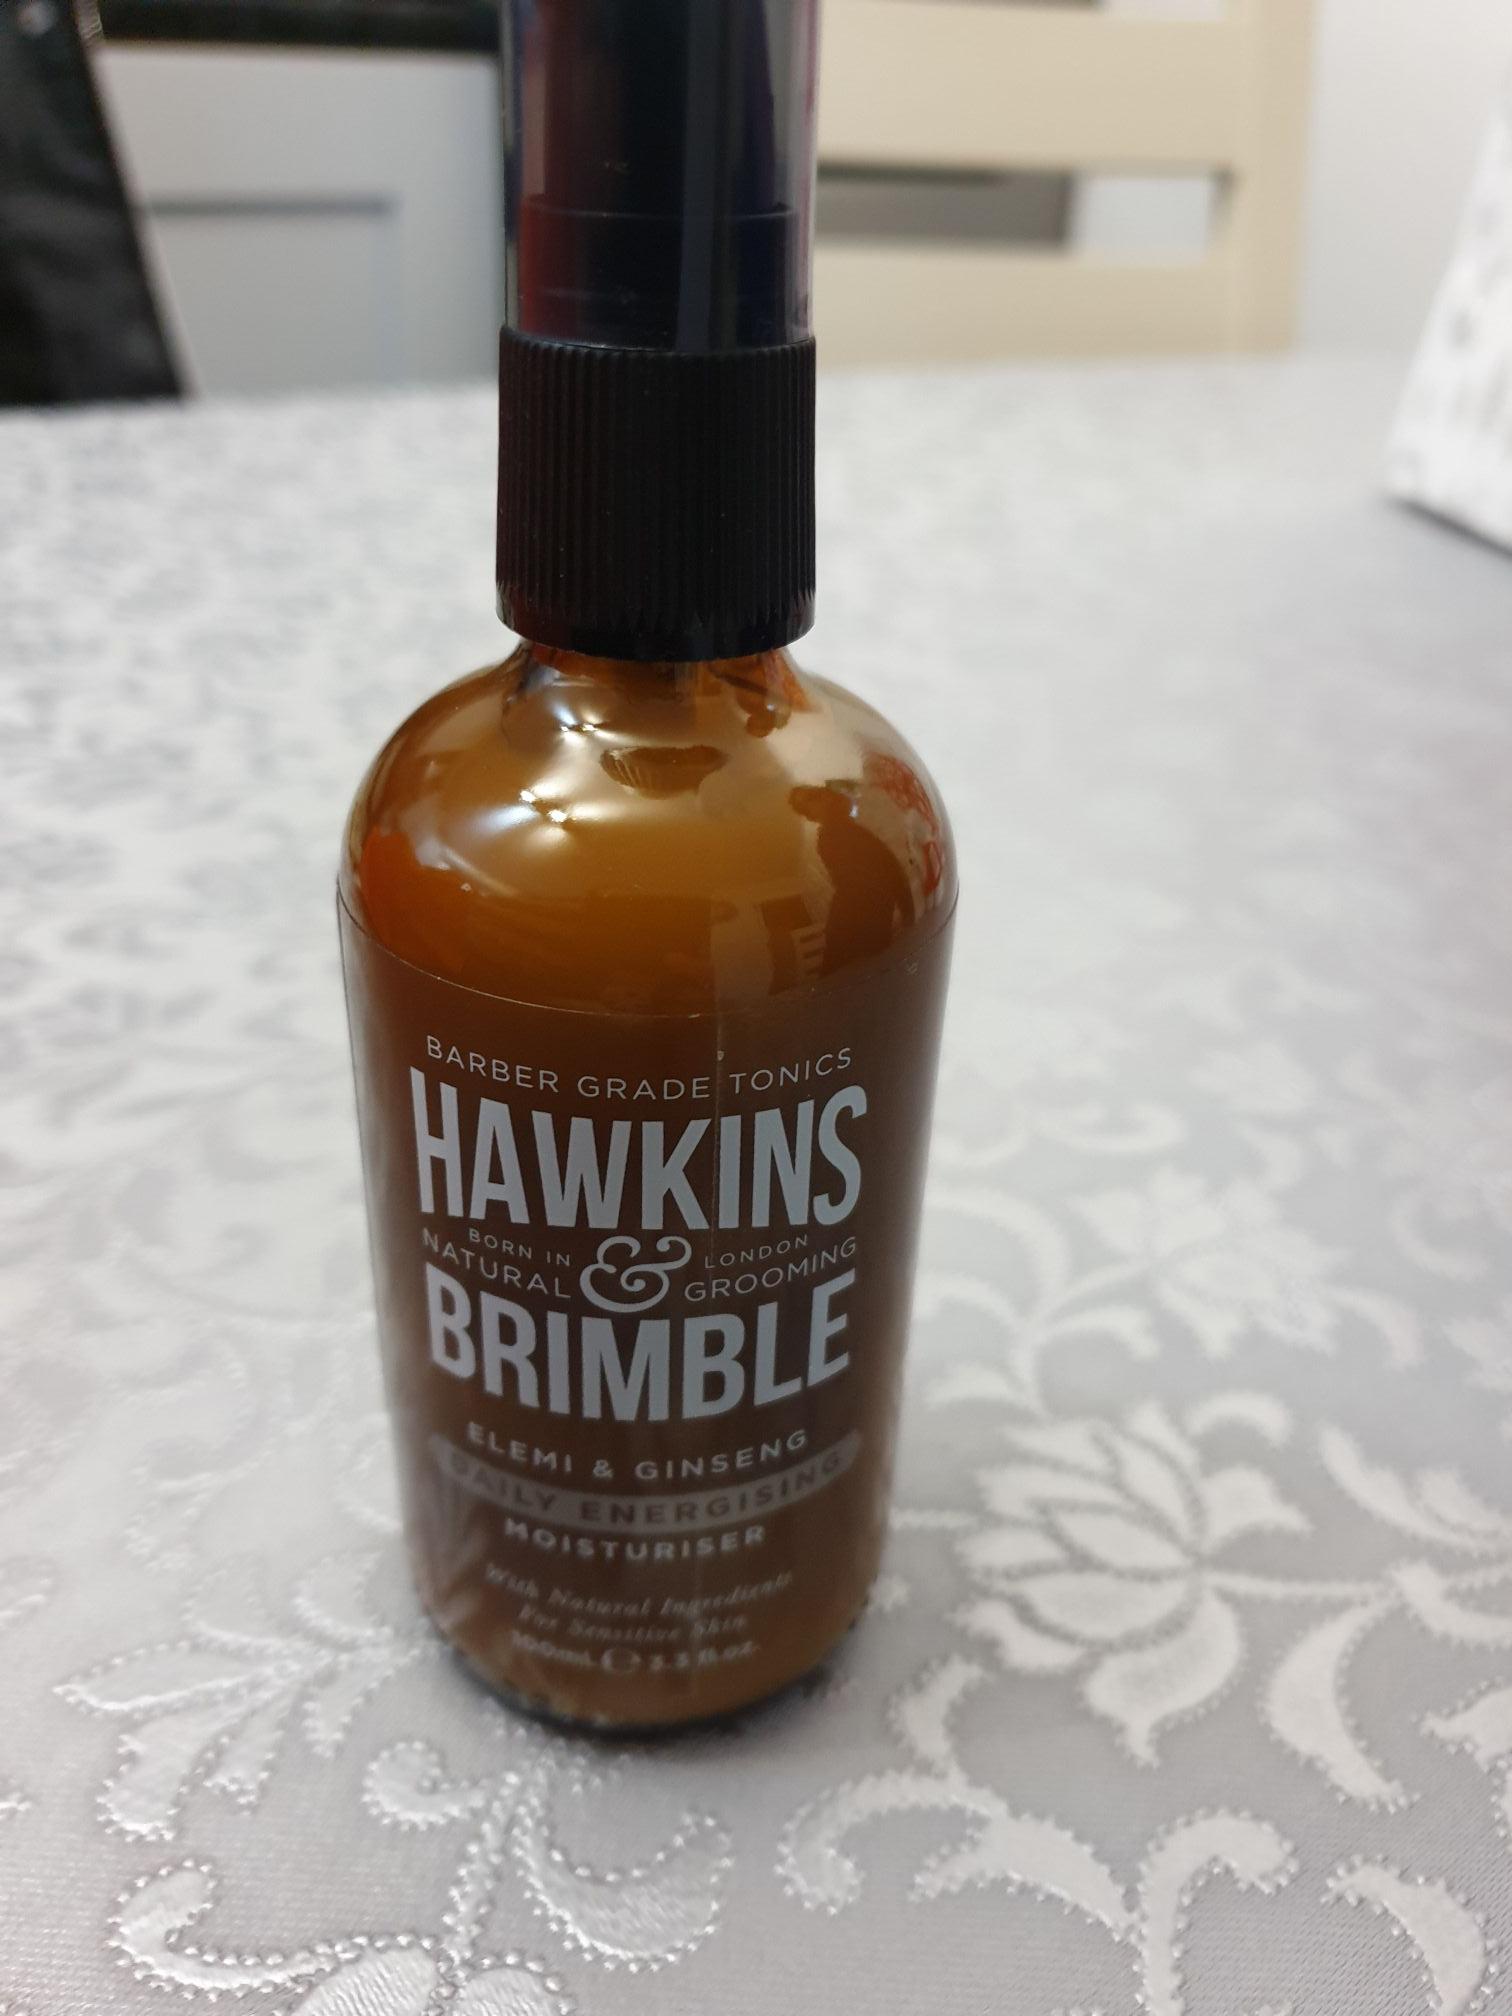 Hawkins & Brimble Shaving Cream 100ml instore at Sainsbury's for 20p (Craigavon)